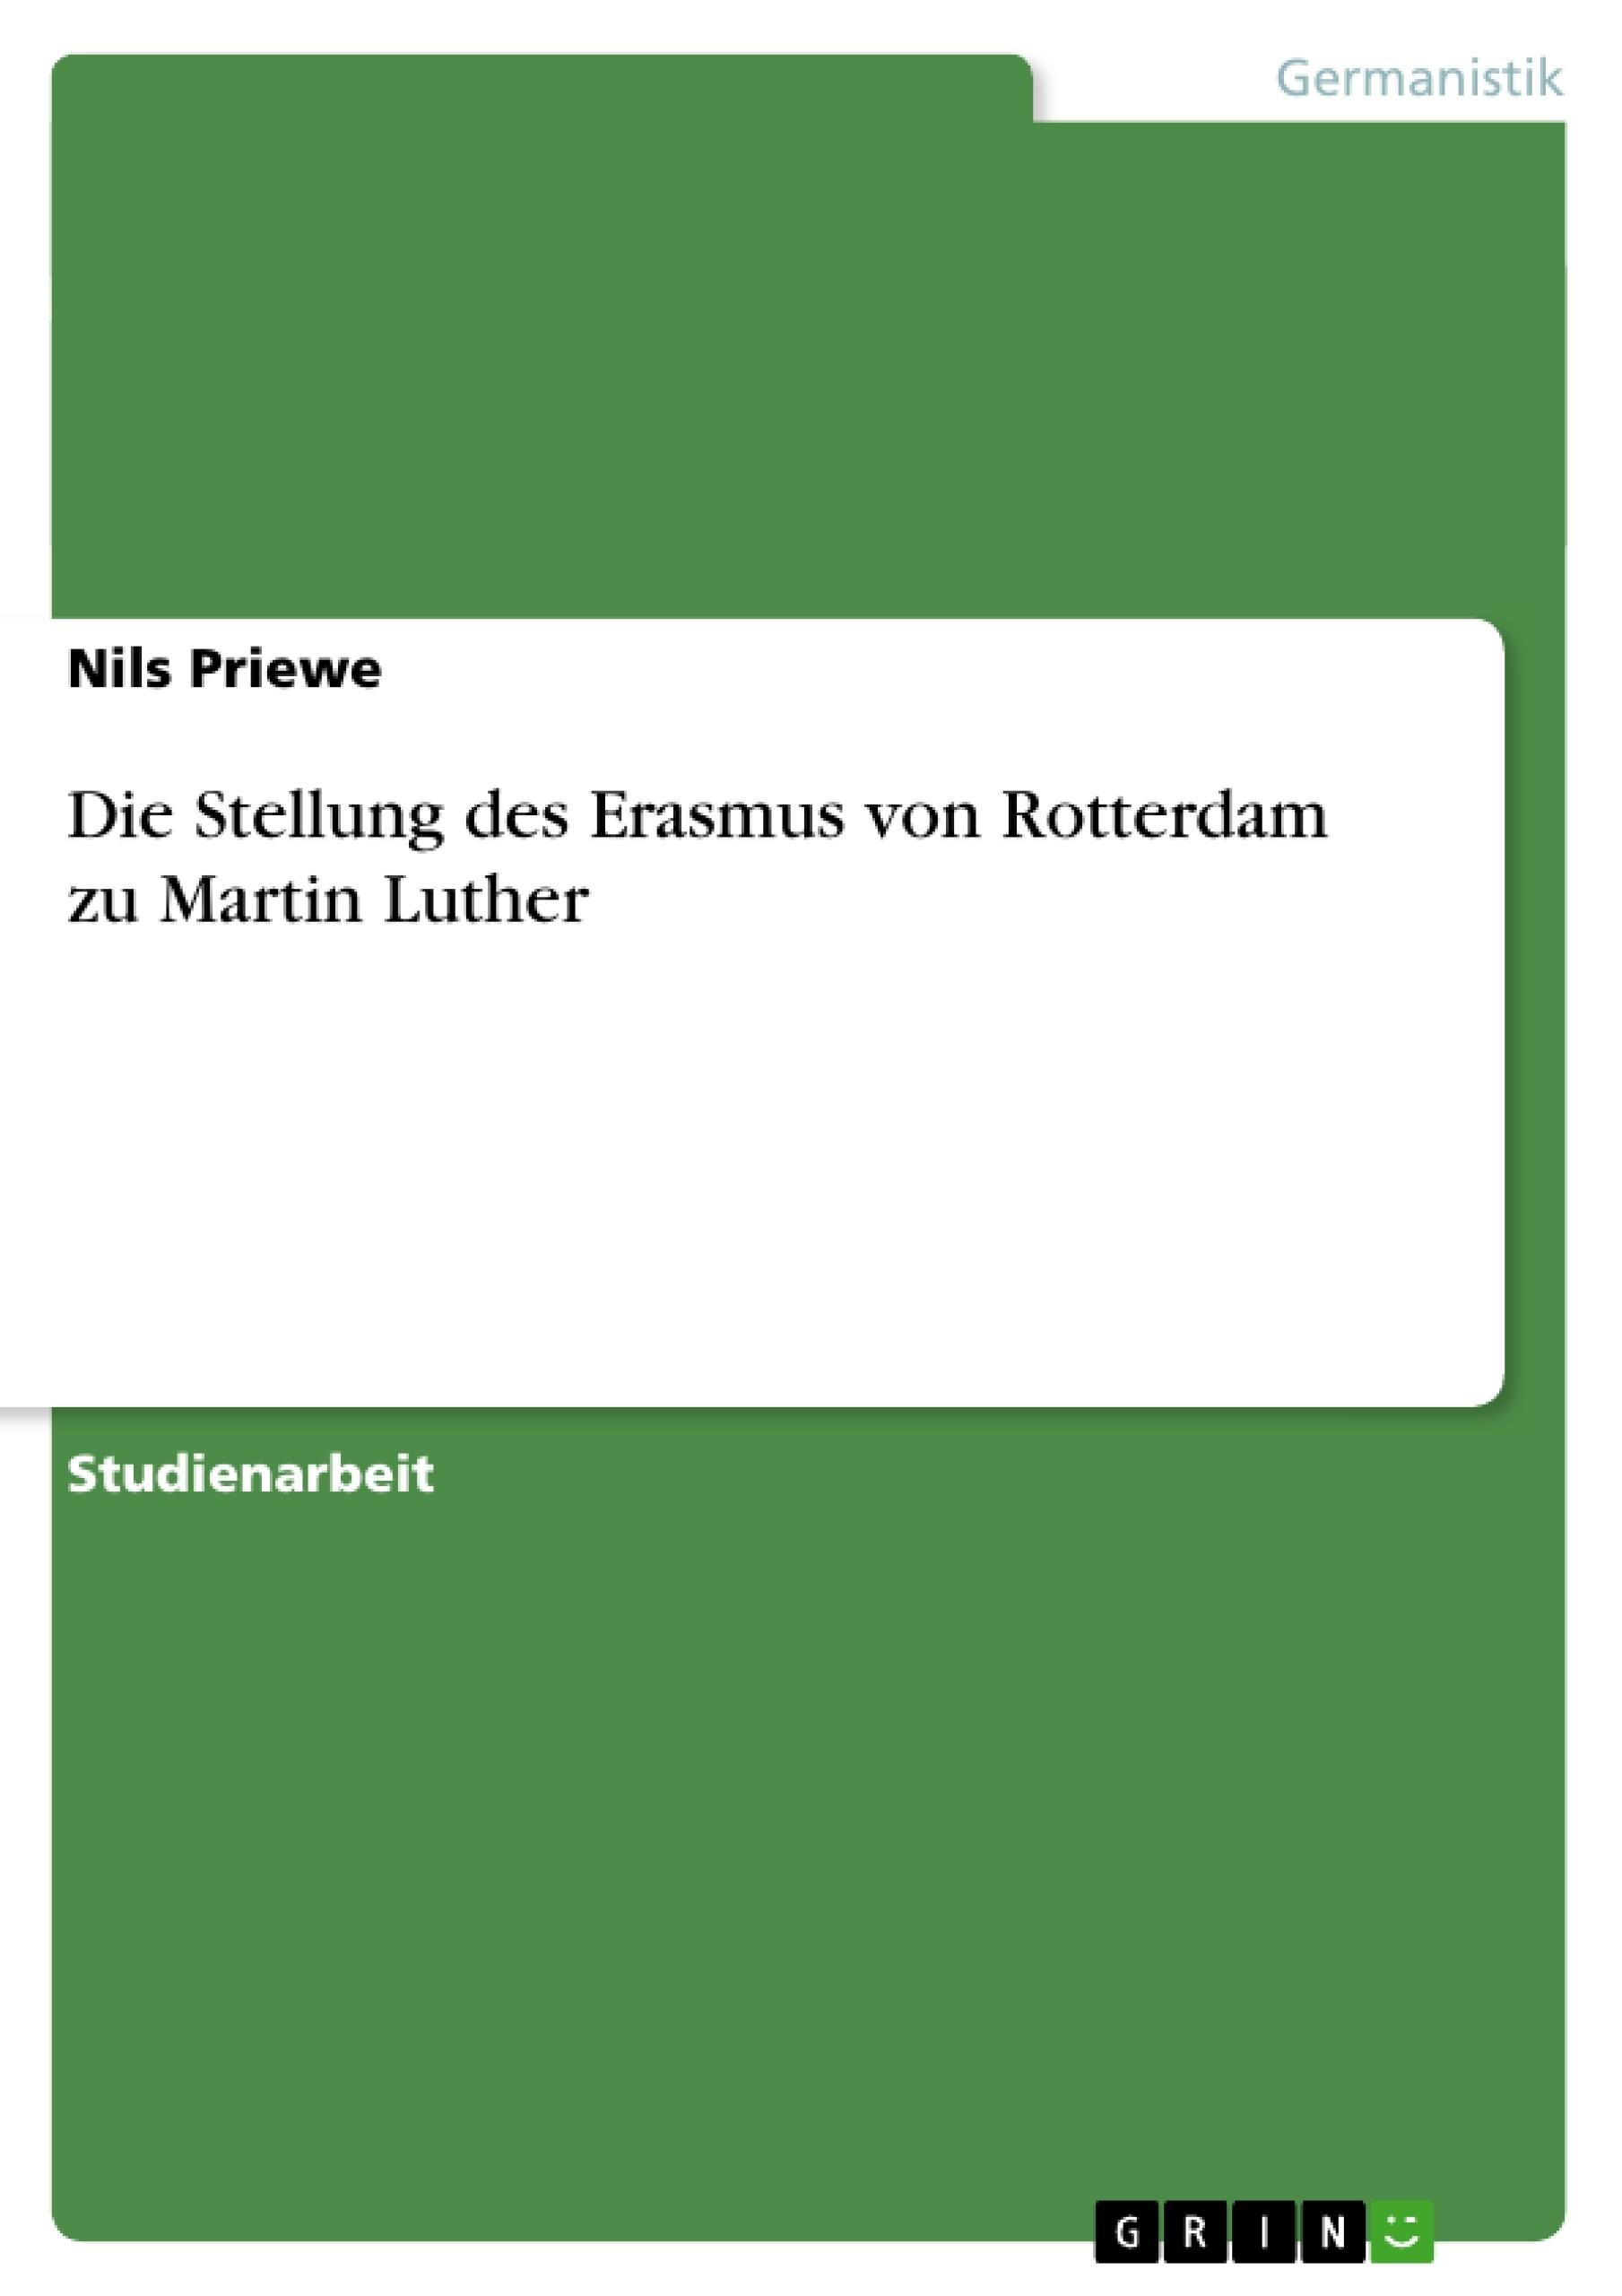 Titel: Die Stellung des Erasmus von Rotterdam zu Martin Luther